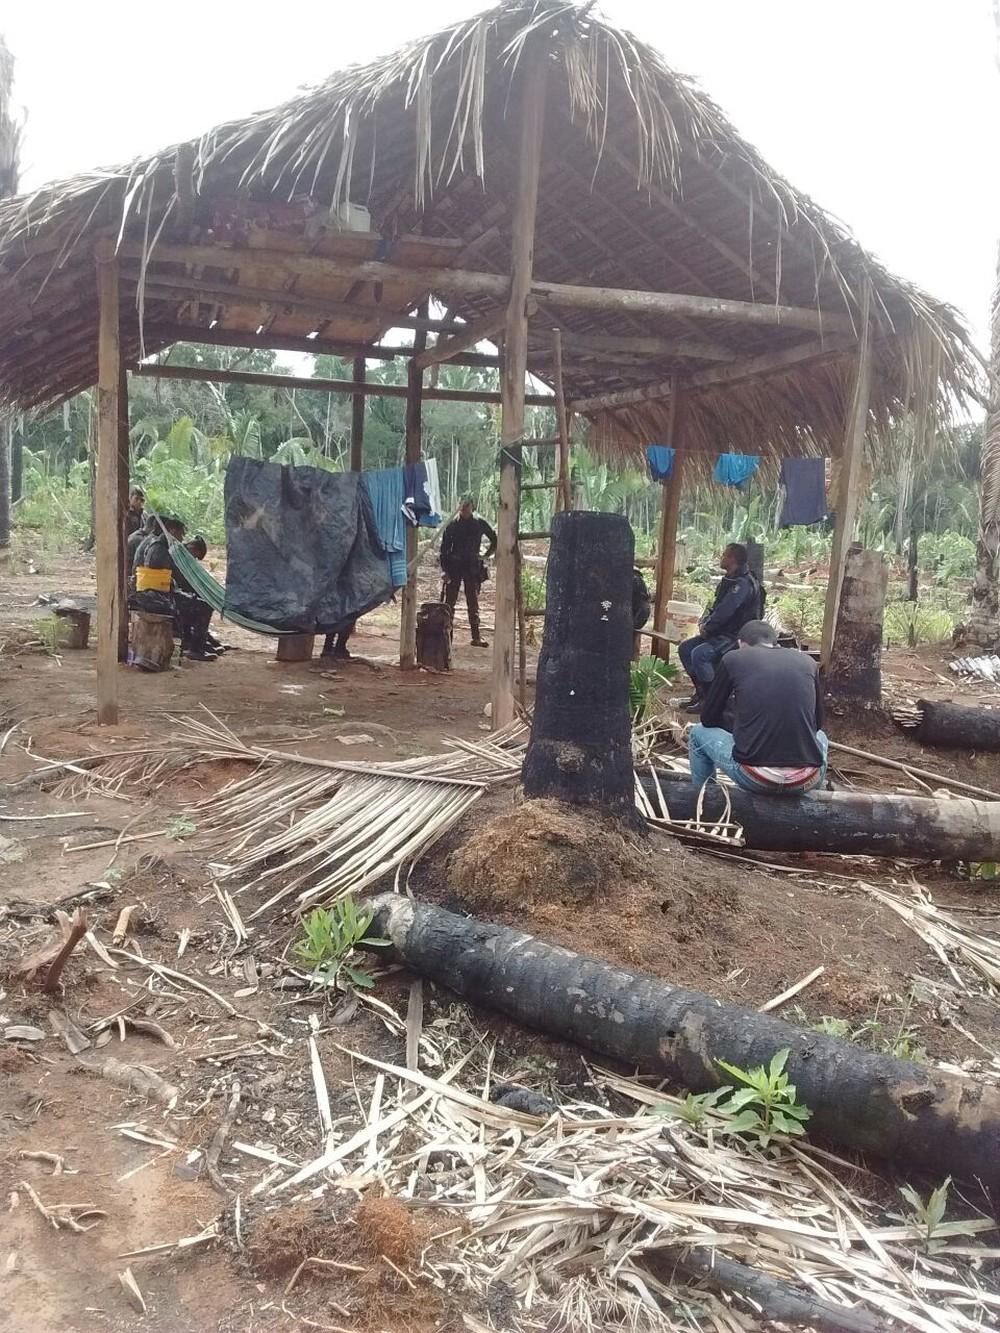 Buscas estão sendo feitas em área de conflito de terra (Foto: PM divulgação)